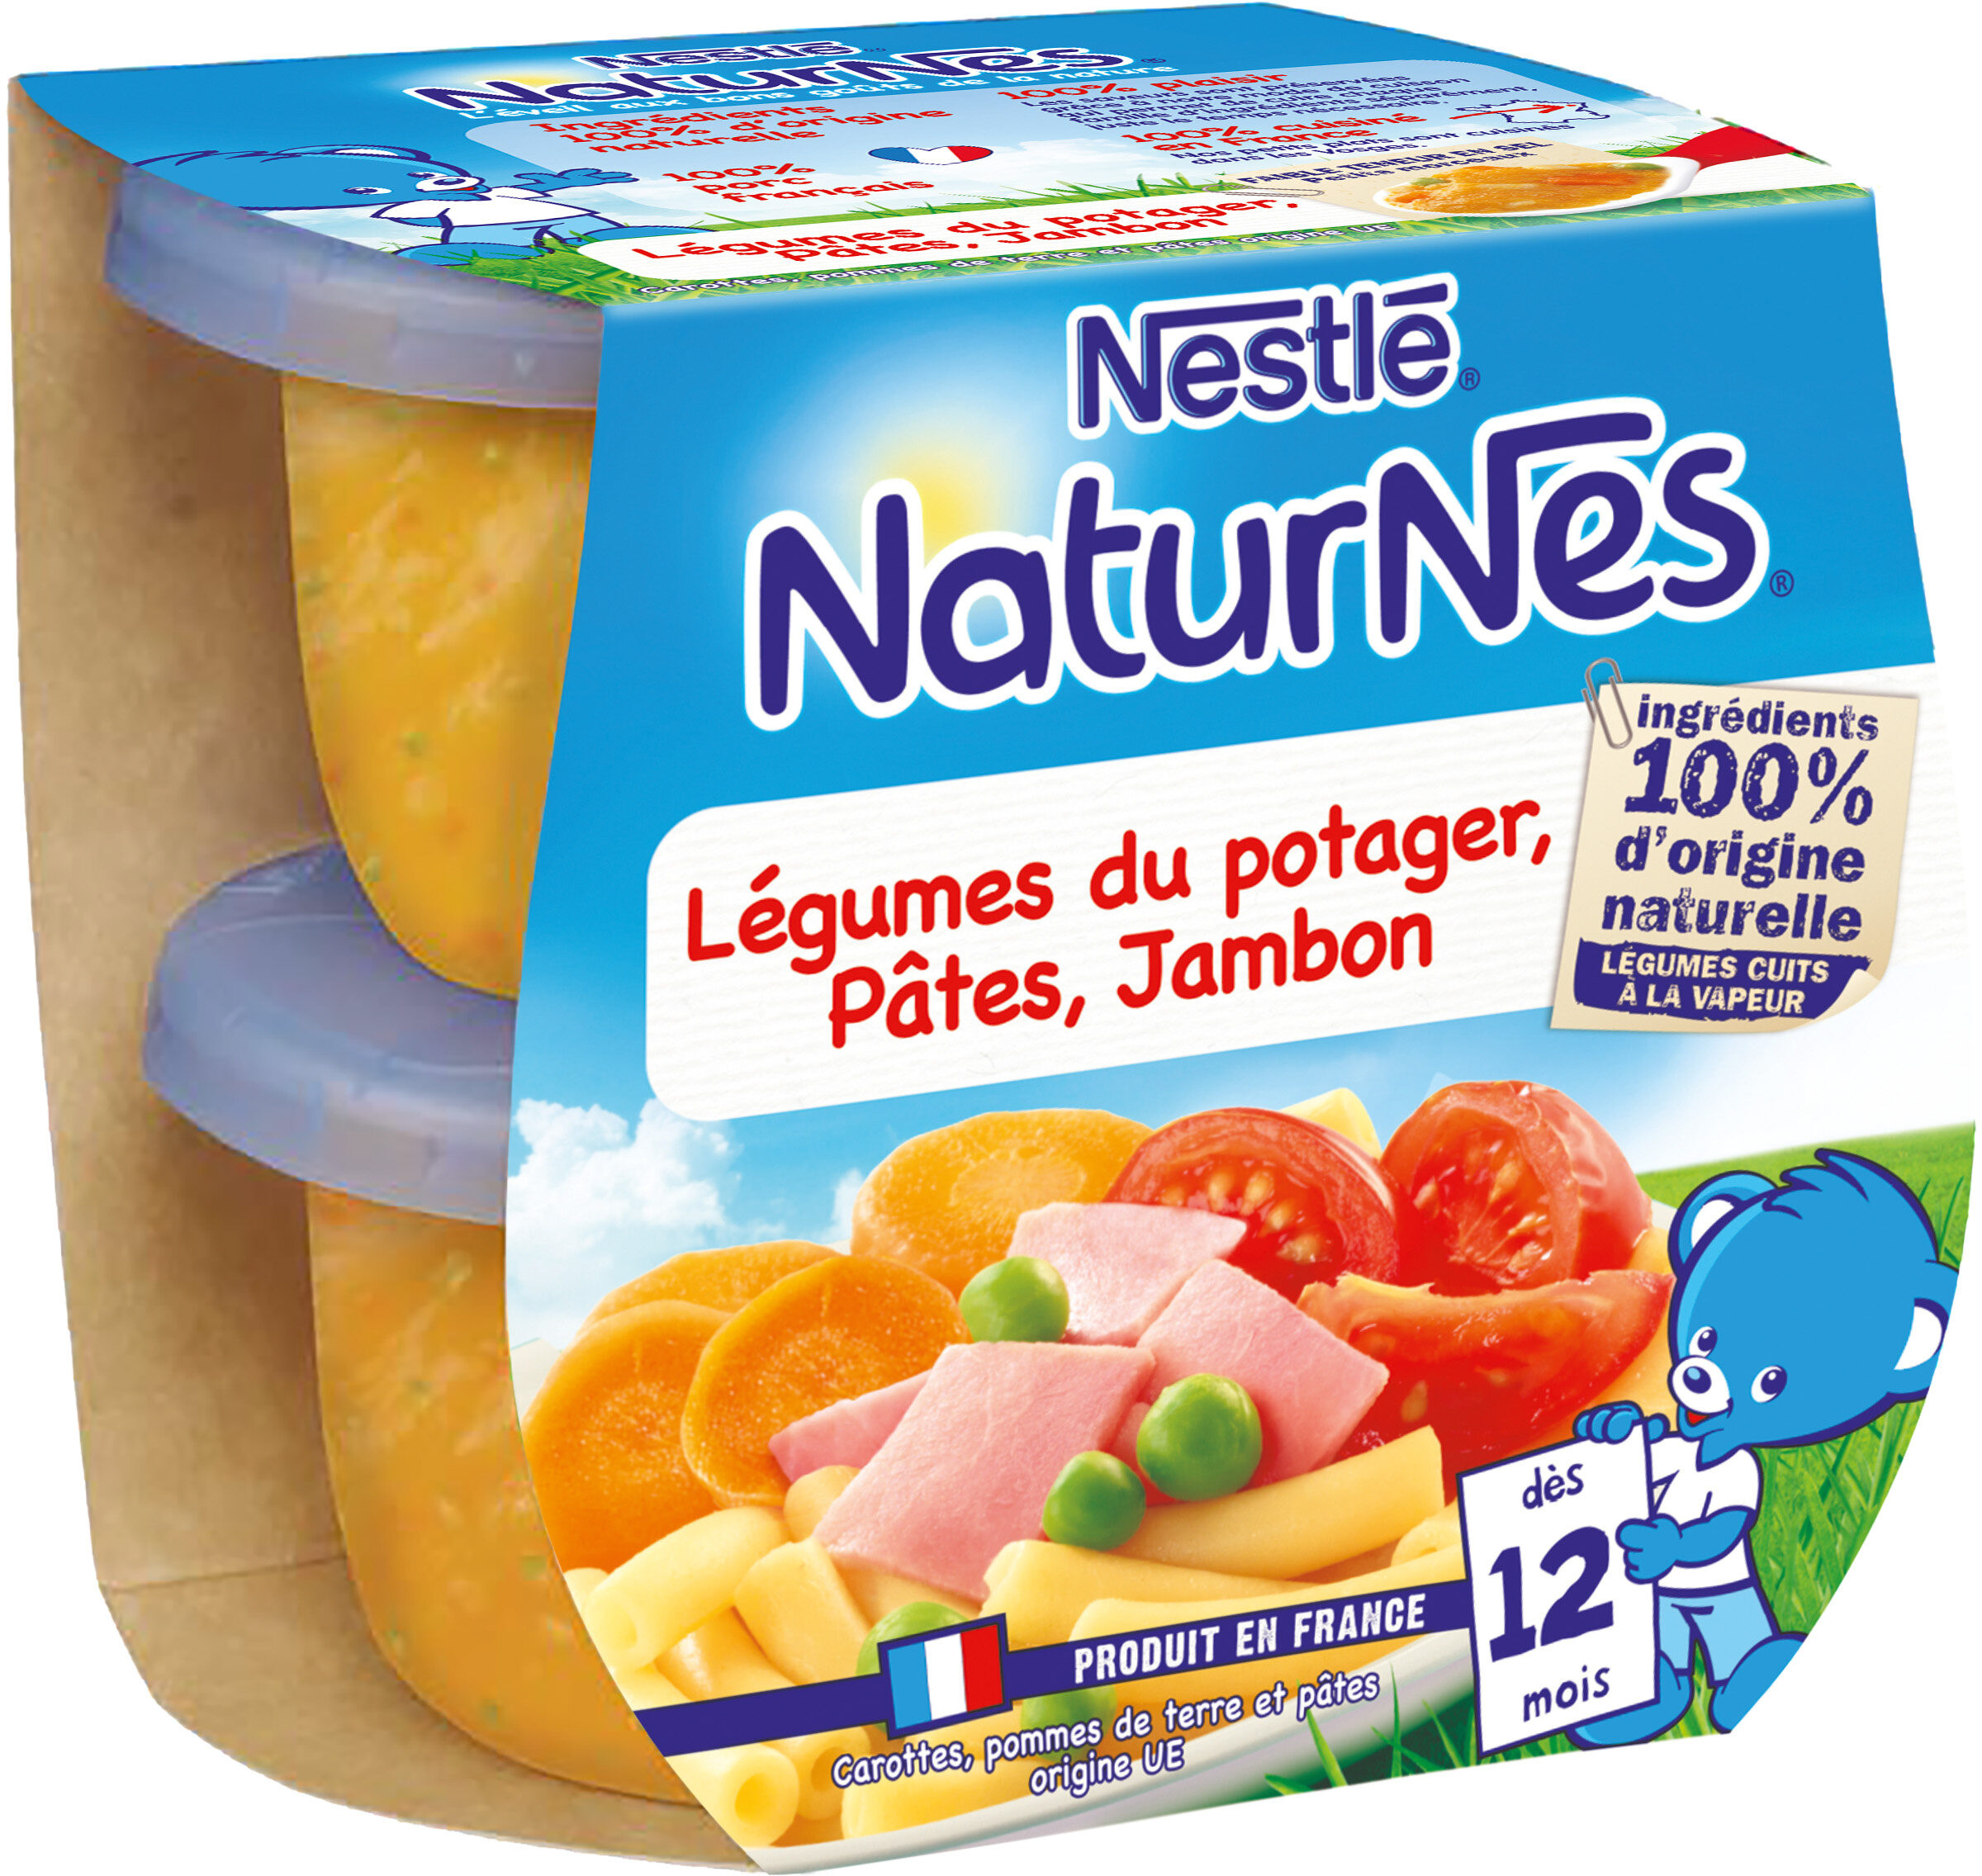 NESTLE NATURNES Petits Pots Bébé Légumes du Potager, Pâtes, Jambon -2x200g -Dès 12 mois - Prodotto - fr